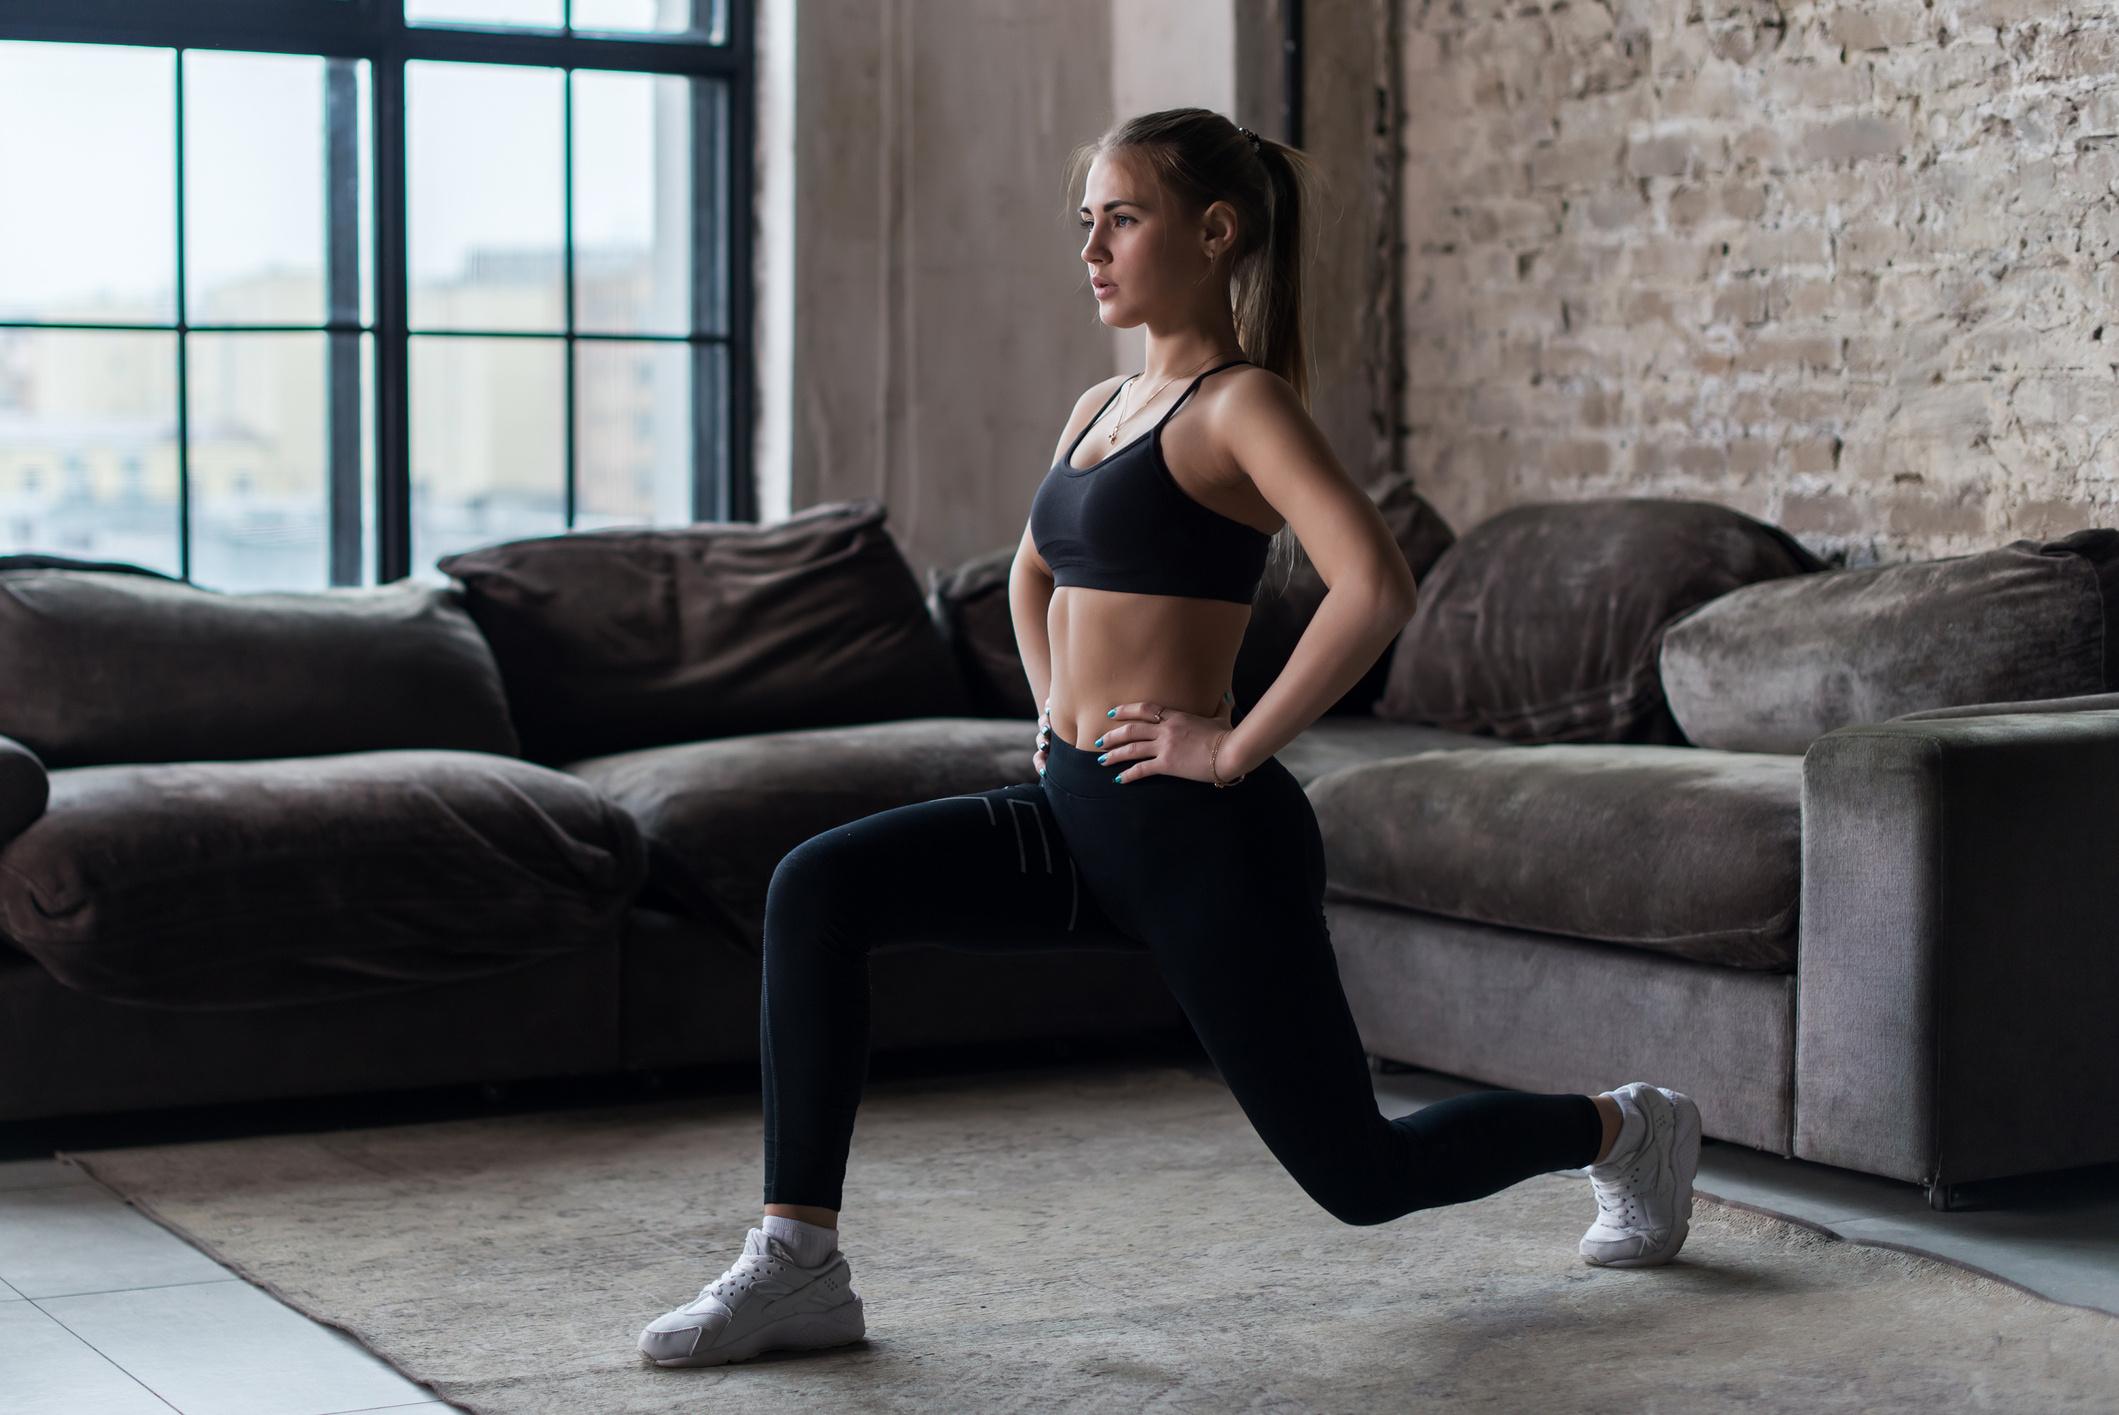 Karcsúsodj futás nélkül – A legjobb zsírégető mozgásformák - Aktivsport